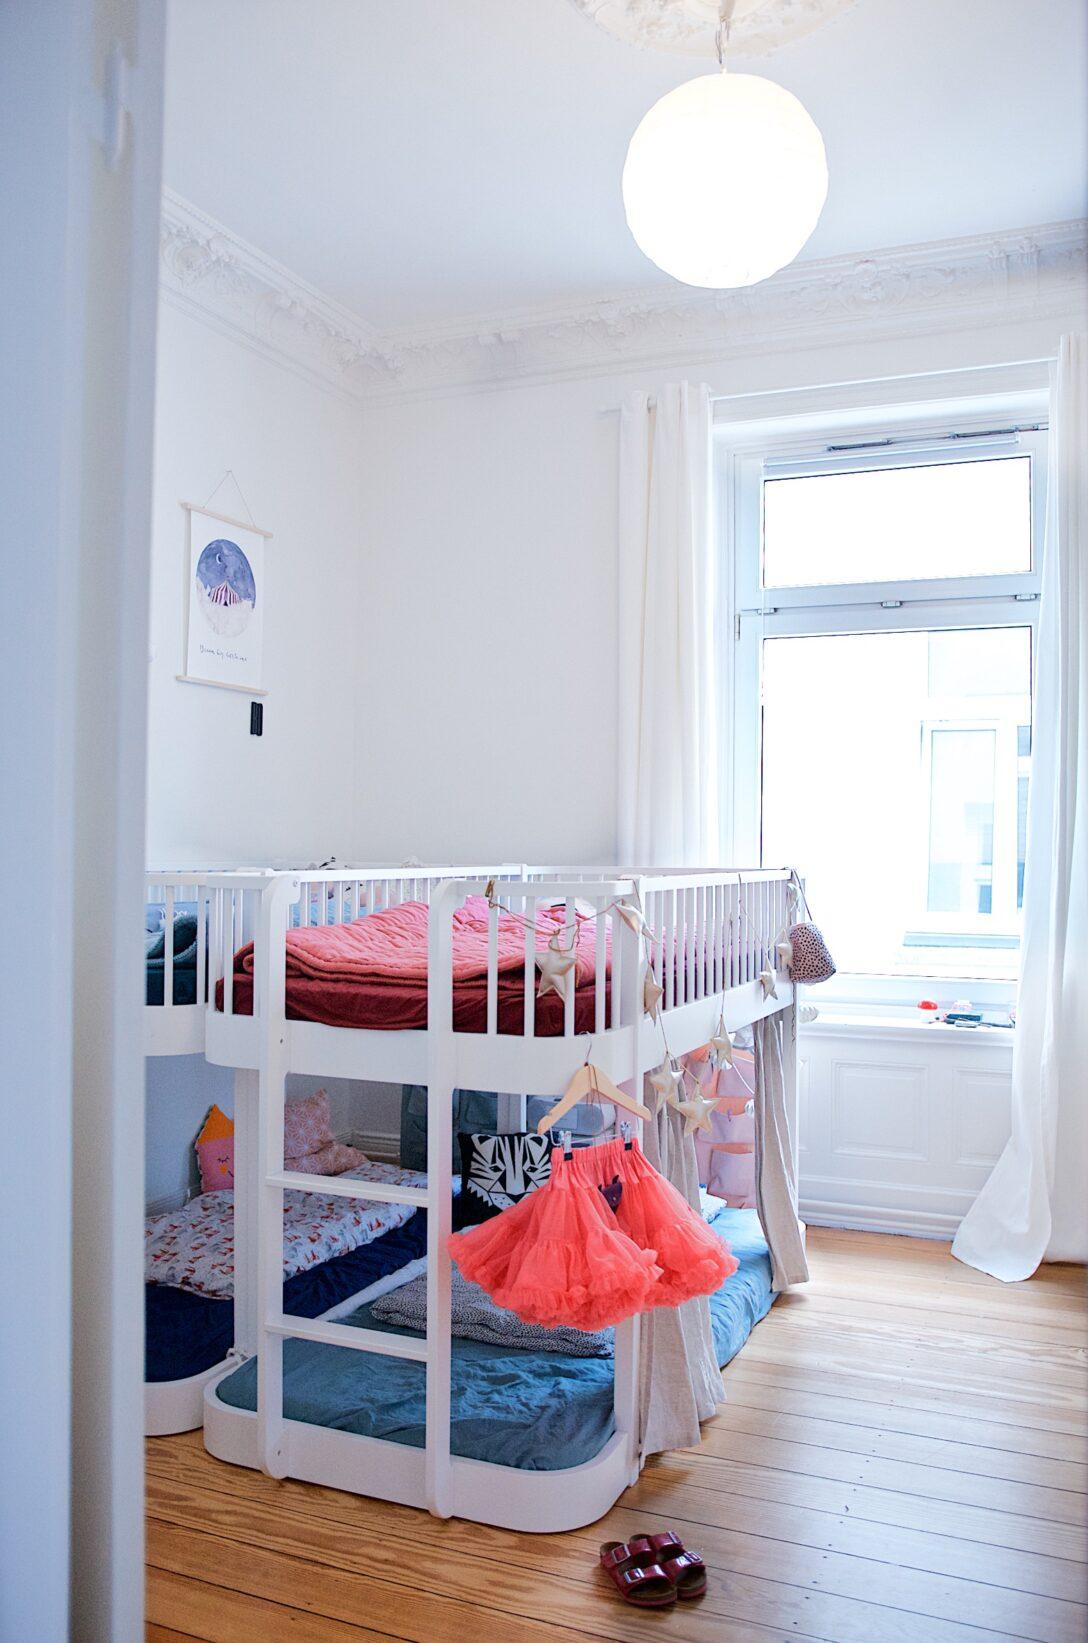 Large Size of Hochbetten Kinderzimmer Ein Kunterbuntes Mit Ecken Fr Alle Bedrfnisse Sofa Regal Regale Weiß Kinderzimmer Hochbetten Kinderzimmer